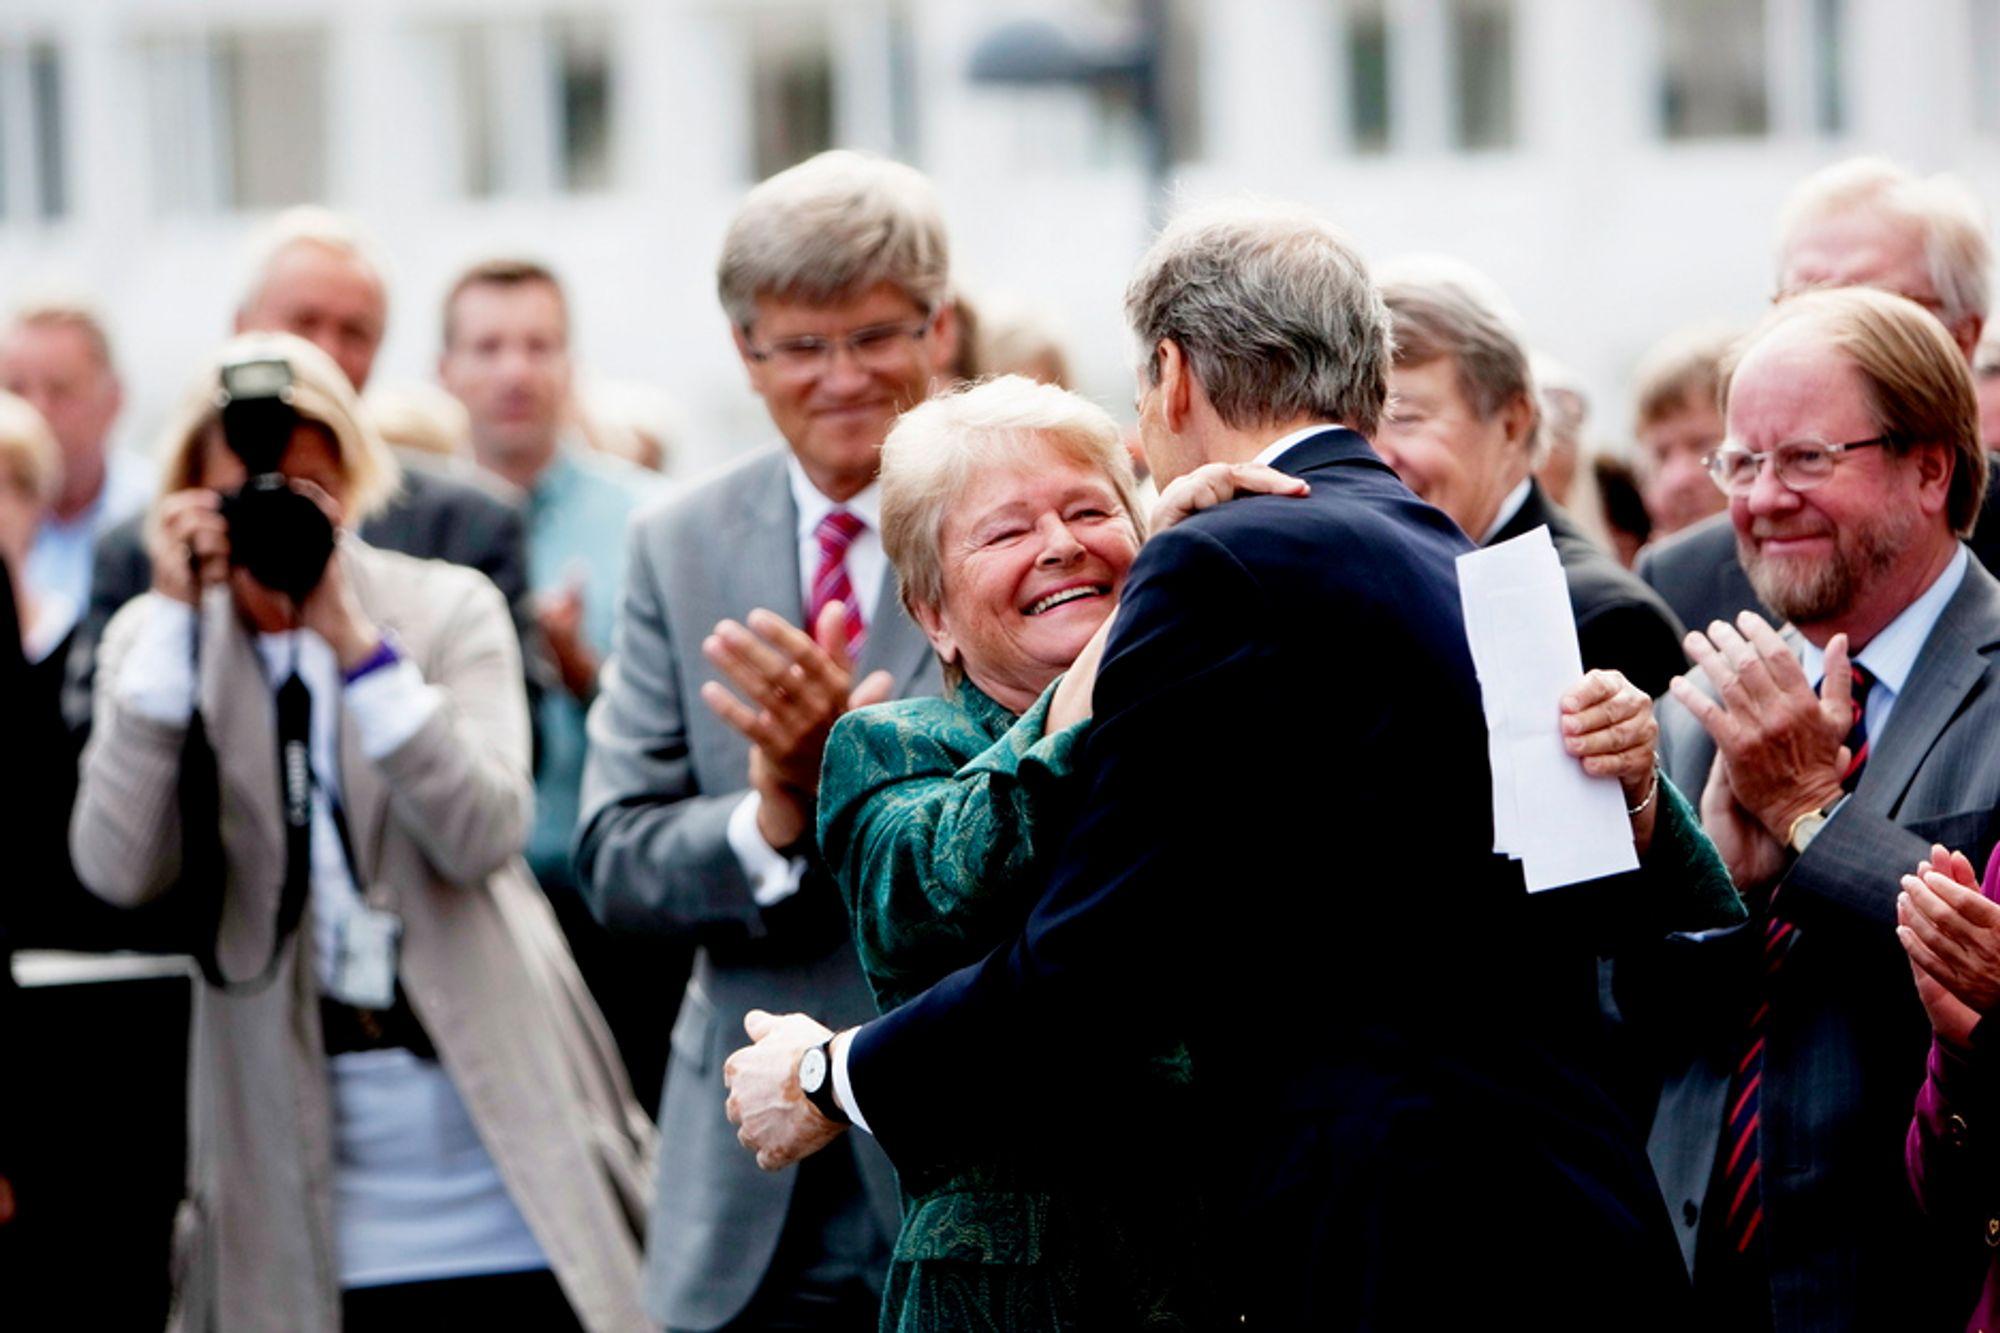 KOZ OG KLEMZ: Gro Harlem Brundtland klemte JOnas Gahr Støre da sistnevnte fylte 50 år.